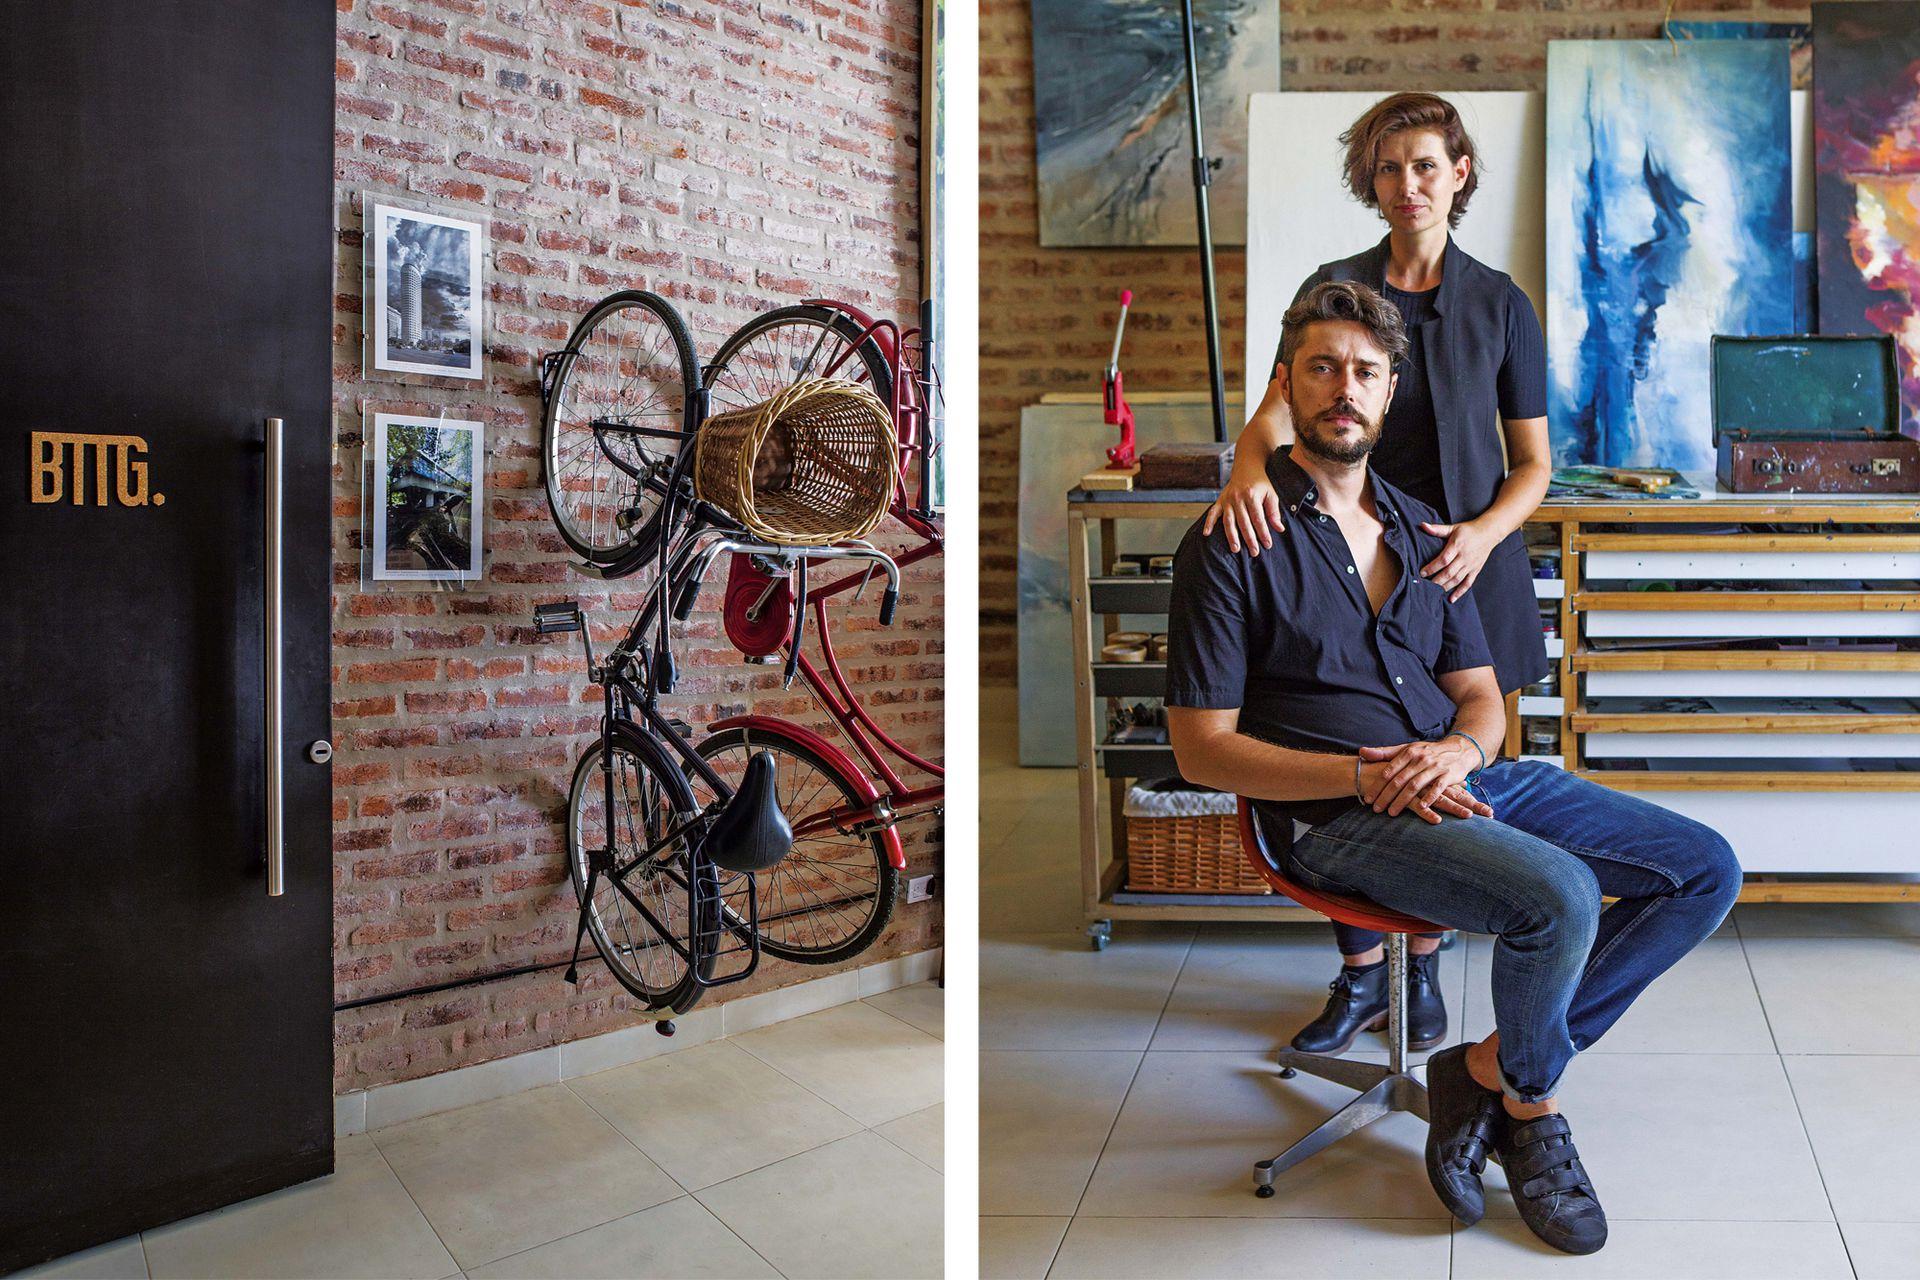 Anabella y Leonardo comparten referentes profesionales y la mirada sobre el diseño. A la vez, tienen actividades paralelas: ella es artista plástica y él, fotógrafo y ebanista.